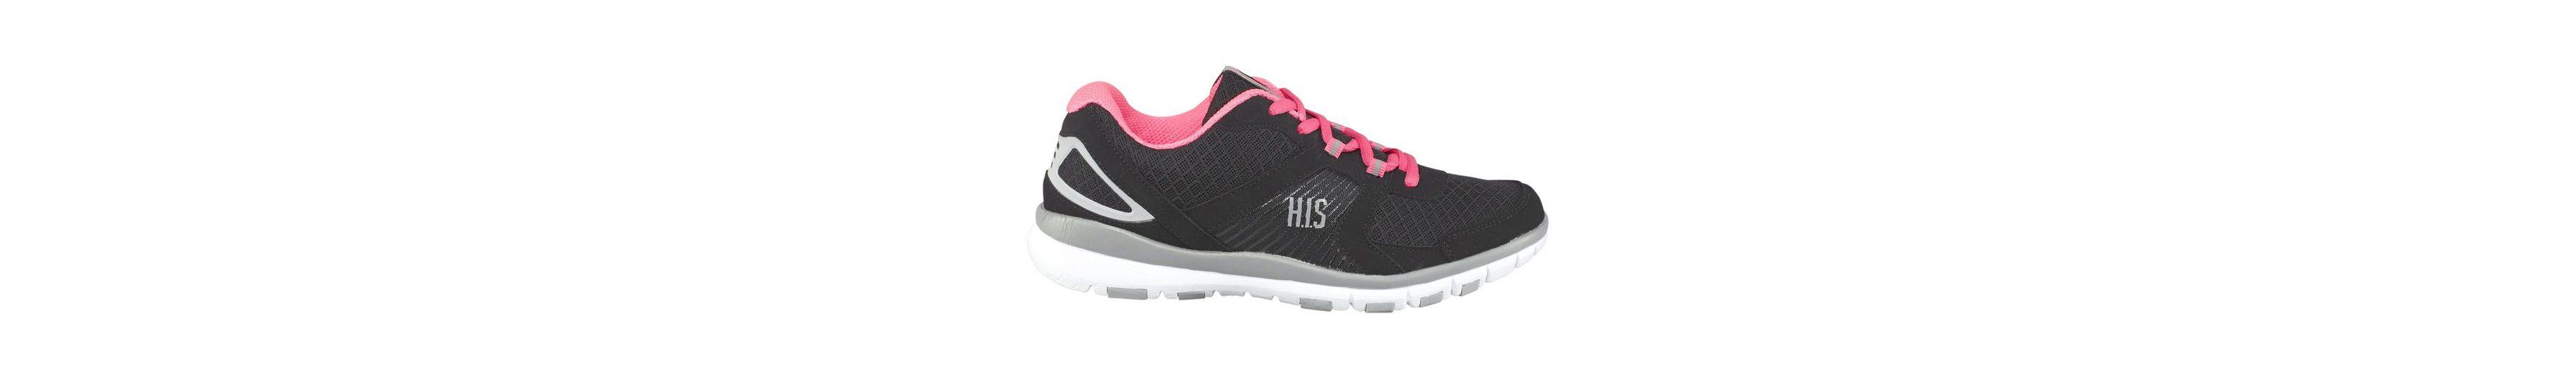 H.I.S Fitnessschuh Billig Verkauf Schnelle Lieferung Bilder Günstig Online Günstig Kaufen Preise u9tcI